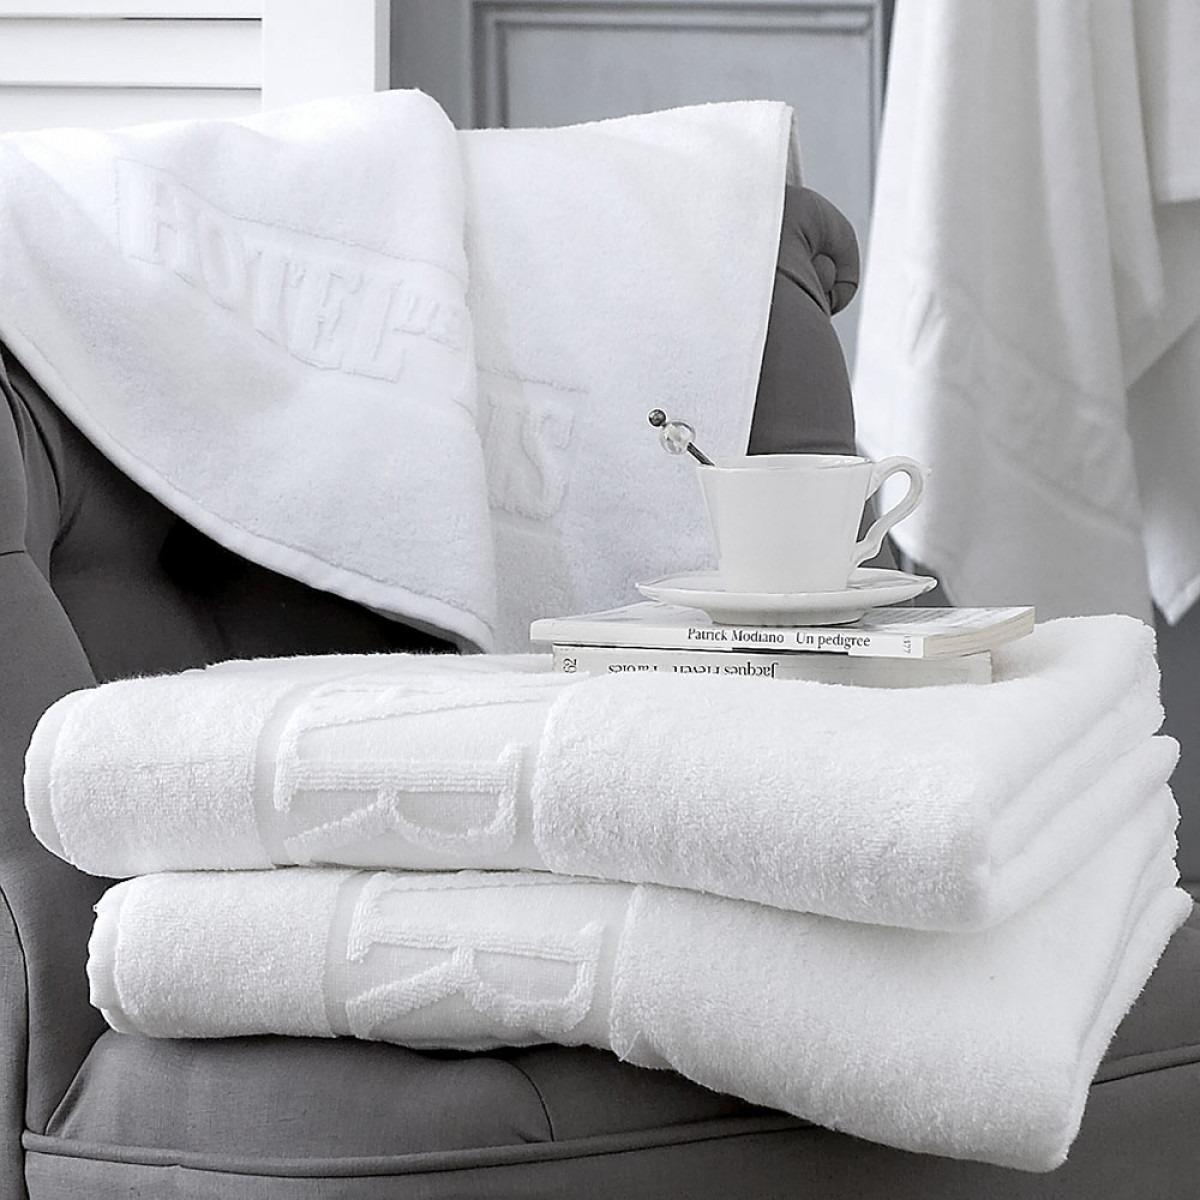 Hotel De Paris White Luxury Towels